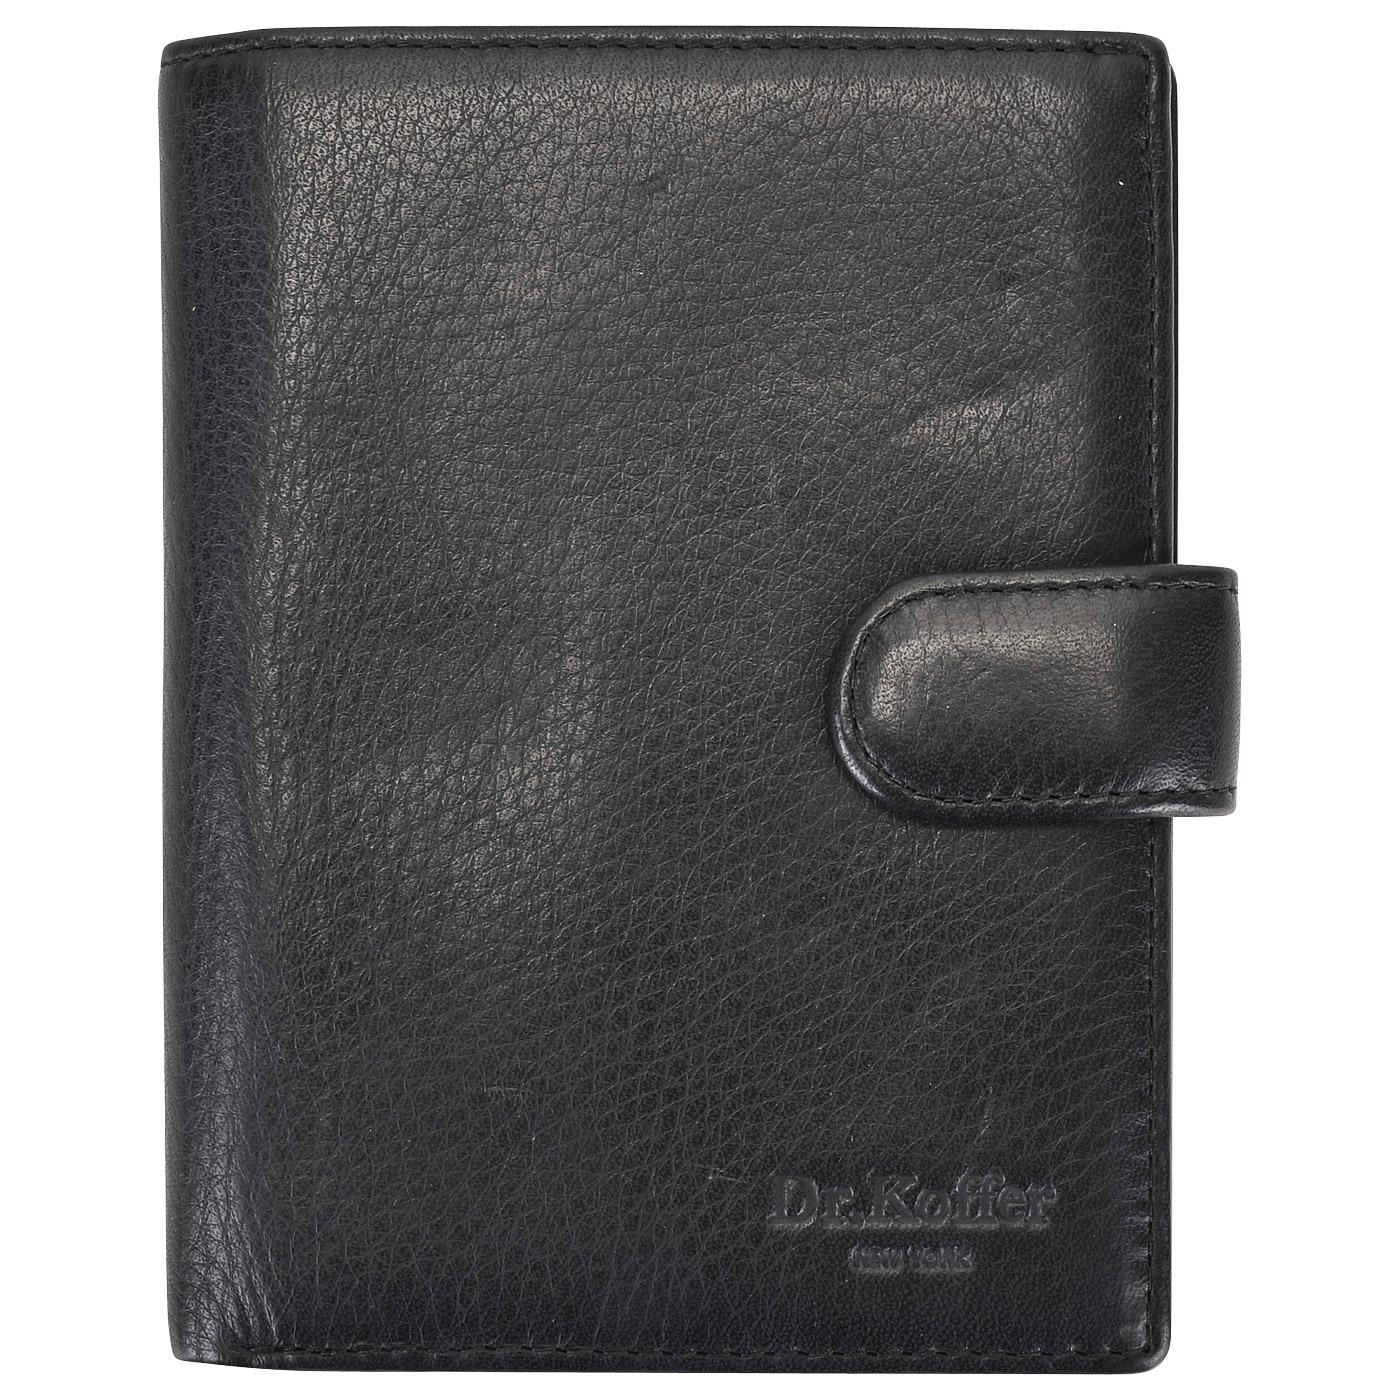 Обложка для паспорта и автодокументов Dr, Koffer X510137-01-04